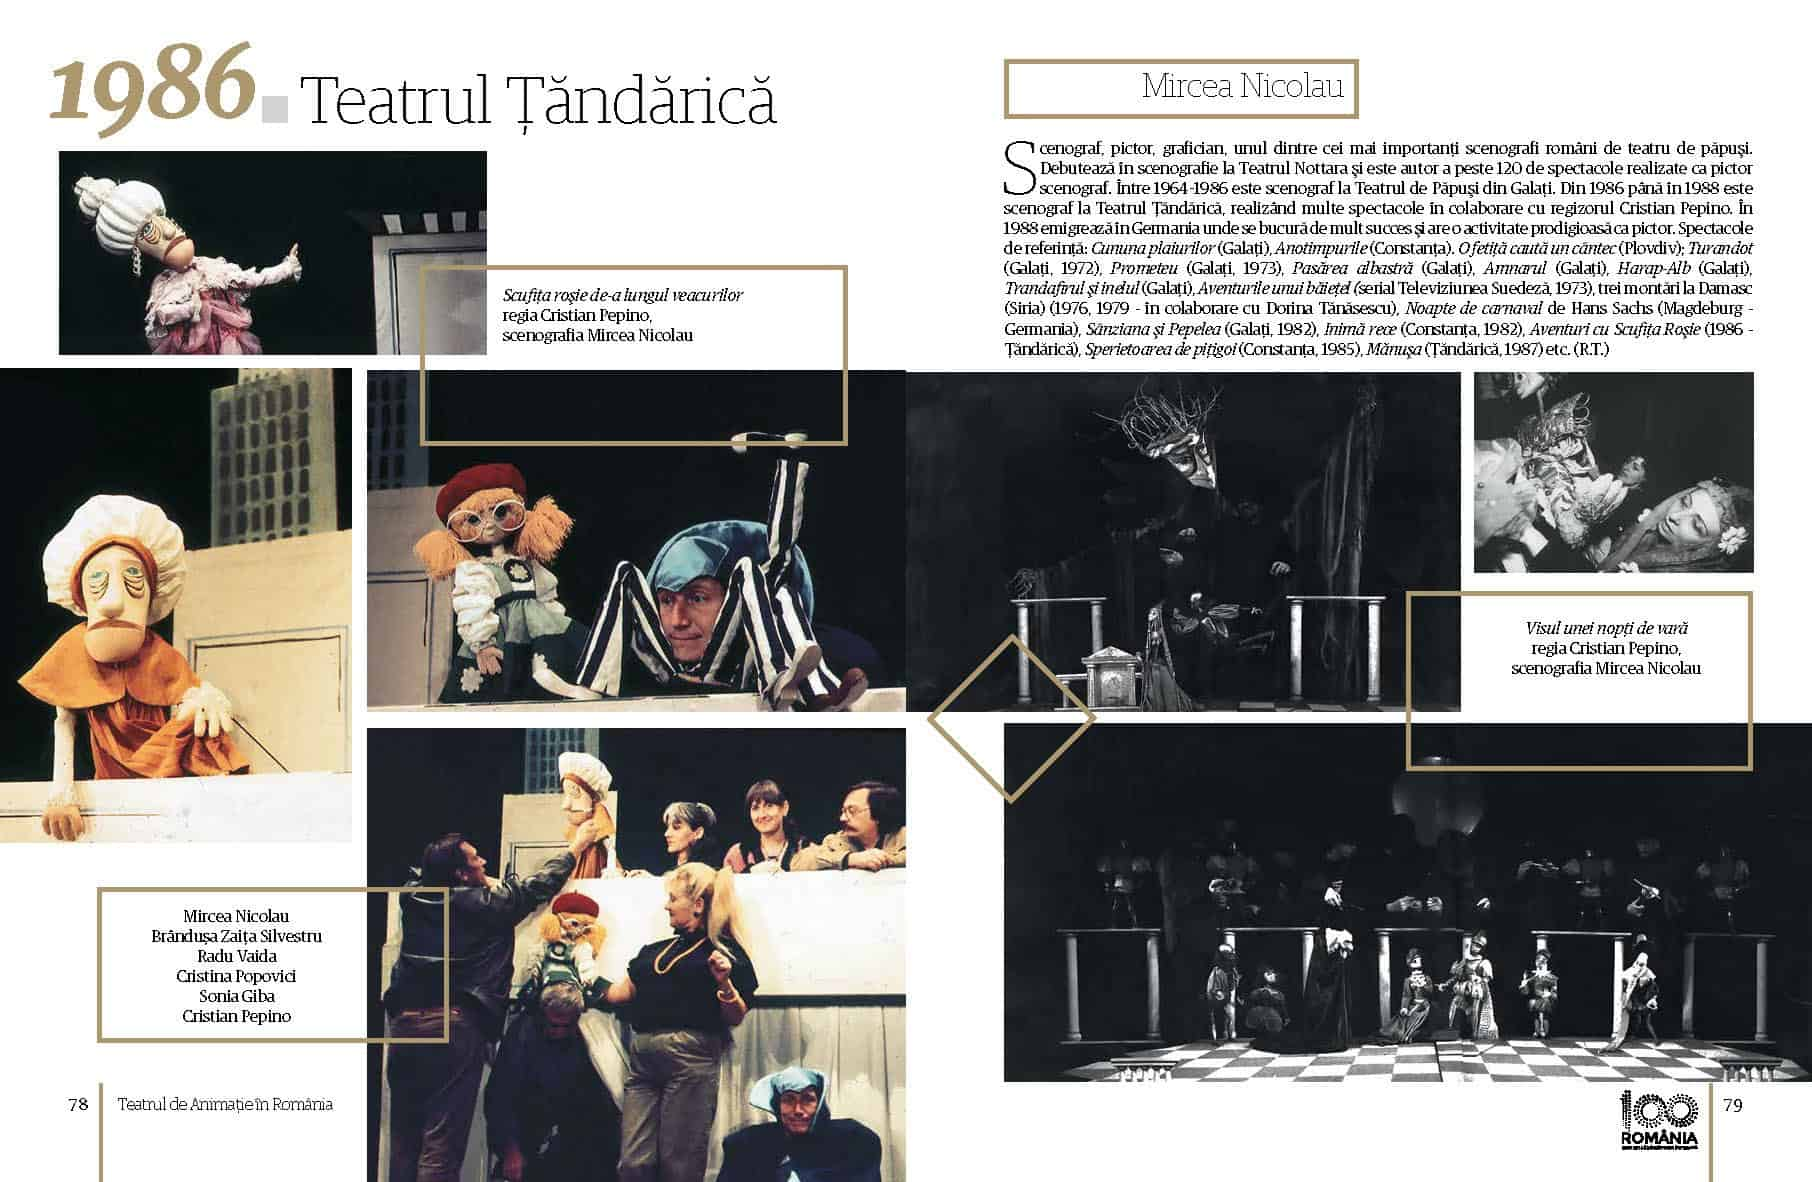 Album Teatrul de Animatie in Romania final preview fata in fata Page 40